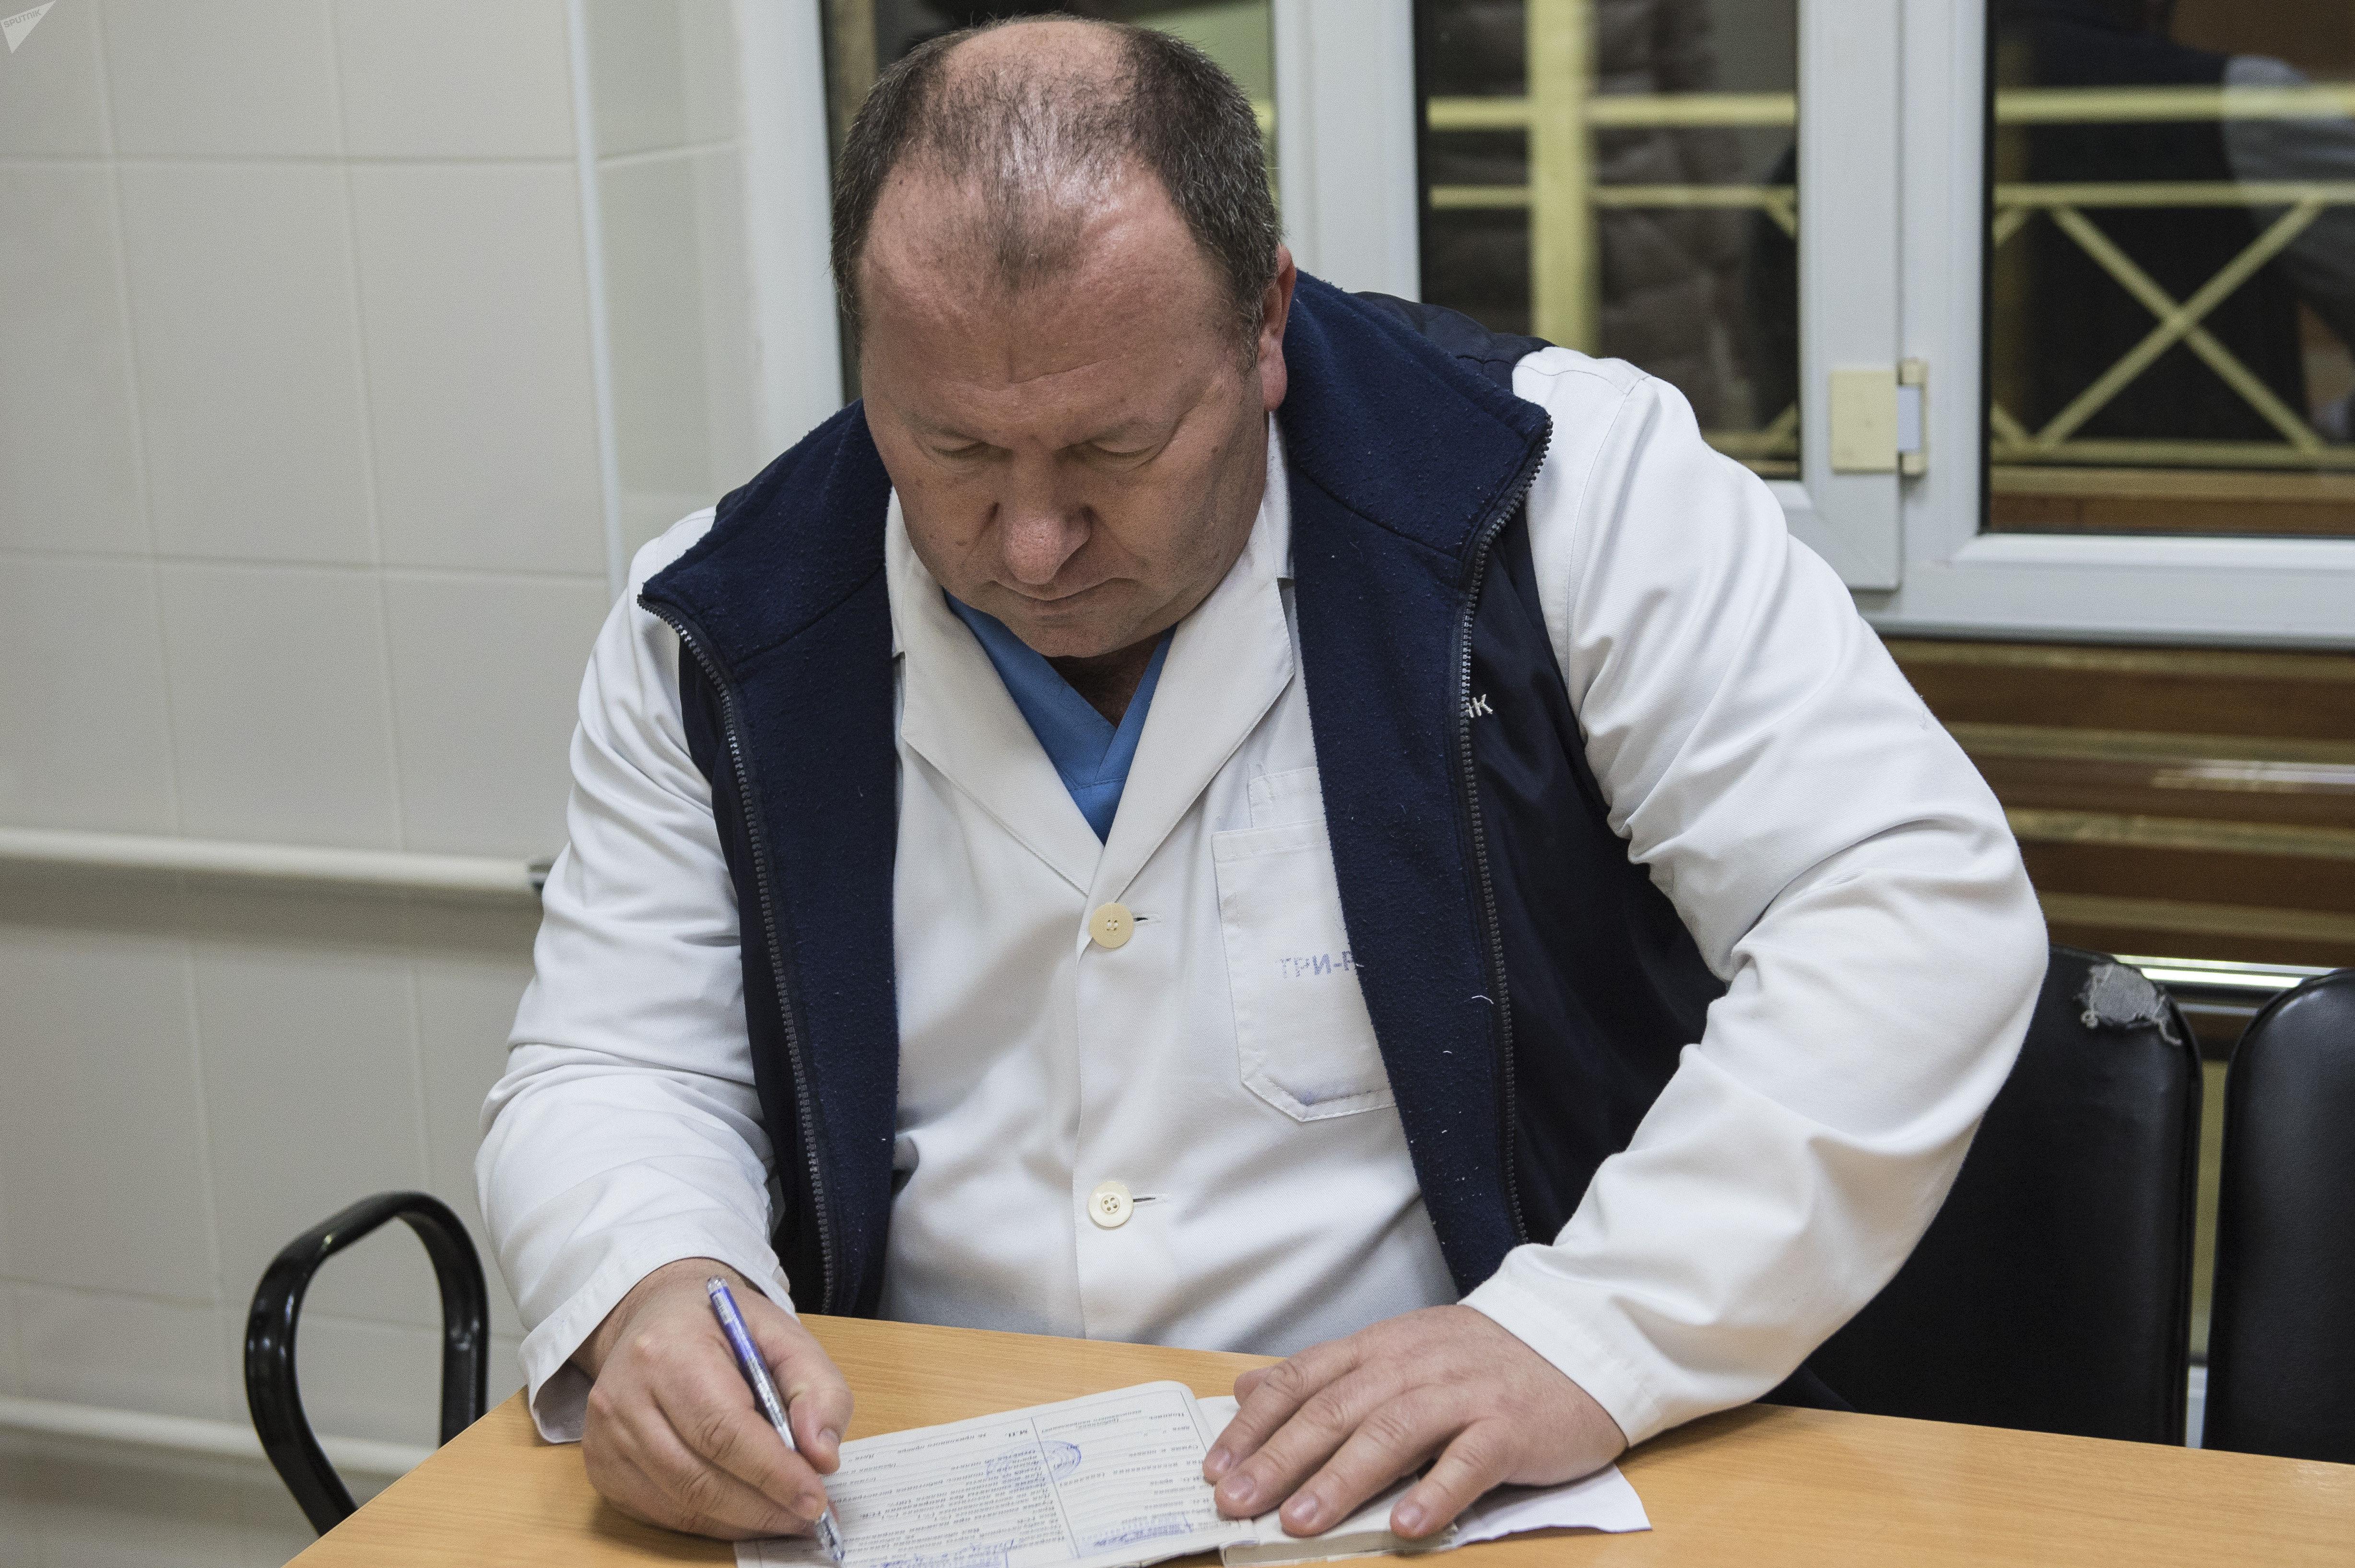 Врач Константин Роменский Бишкекского научно-исследовательского центра травматологии и ортопедии